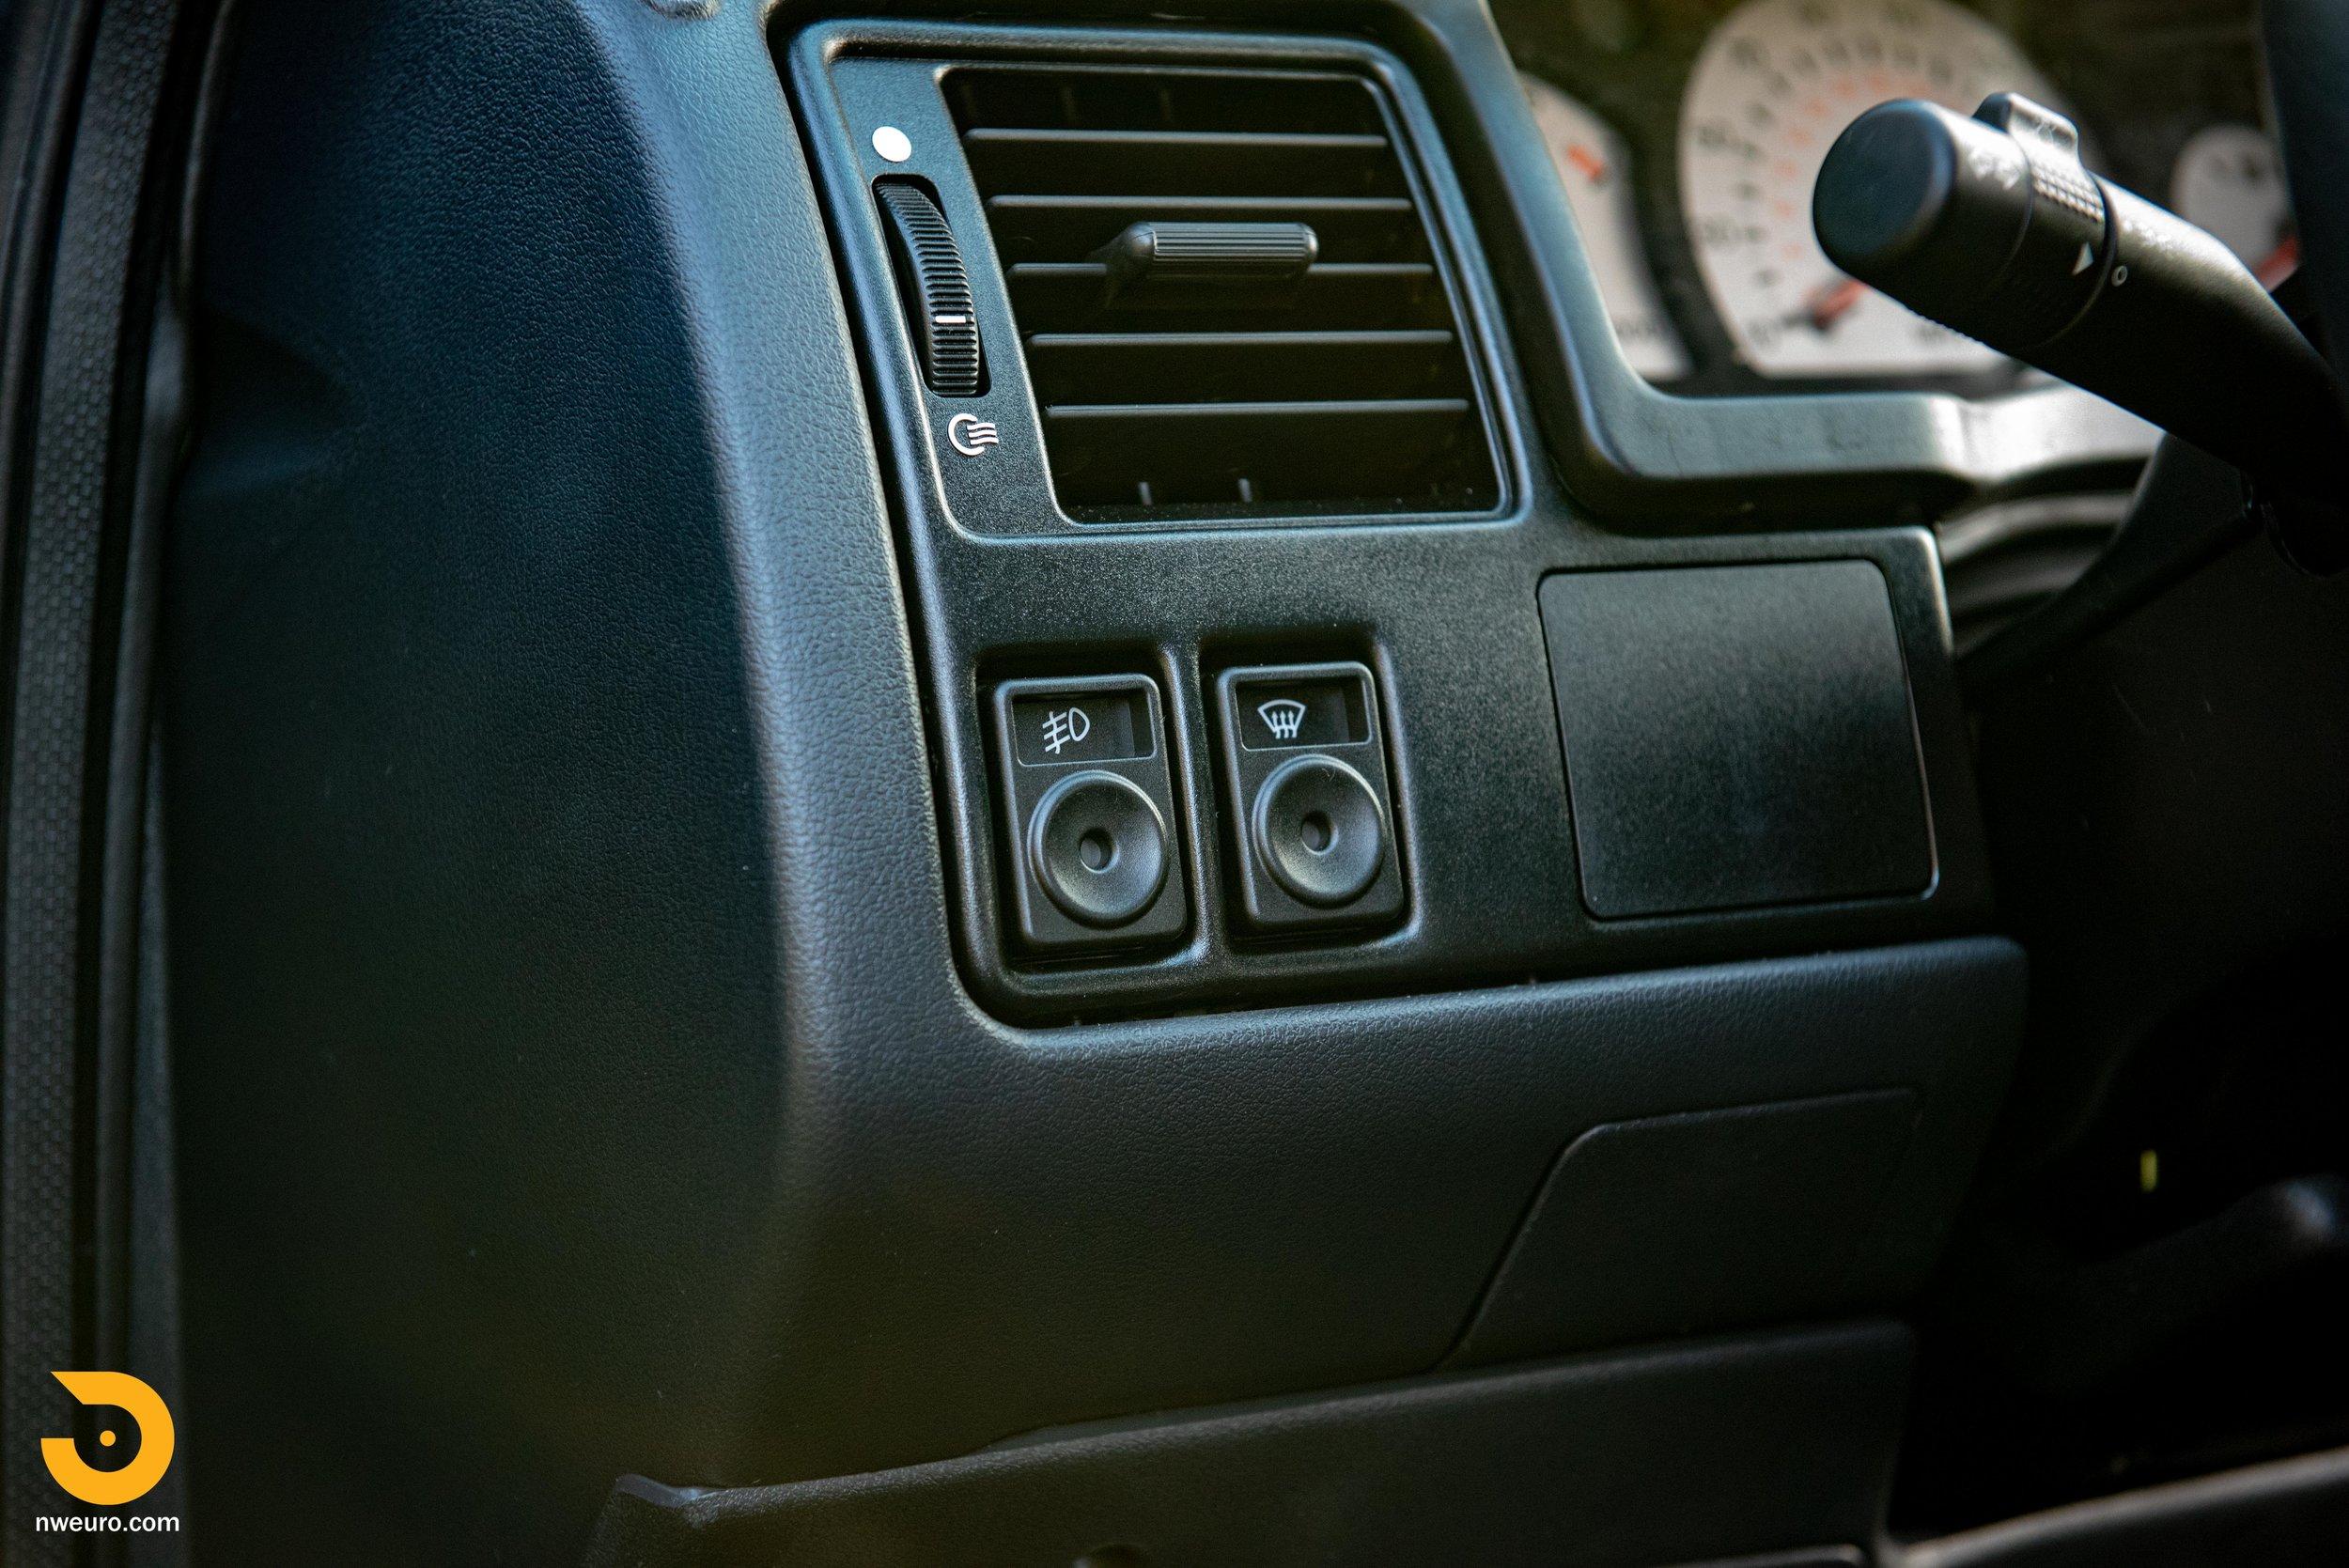 1995 Ford Escort Cosworth - Petrol Blue-4.jpg